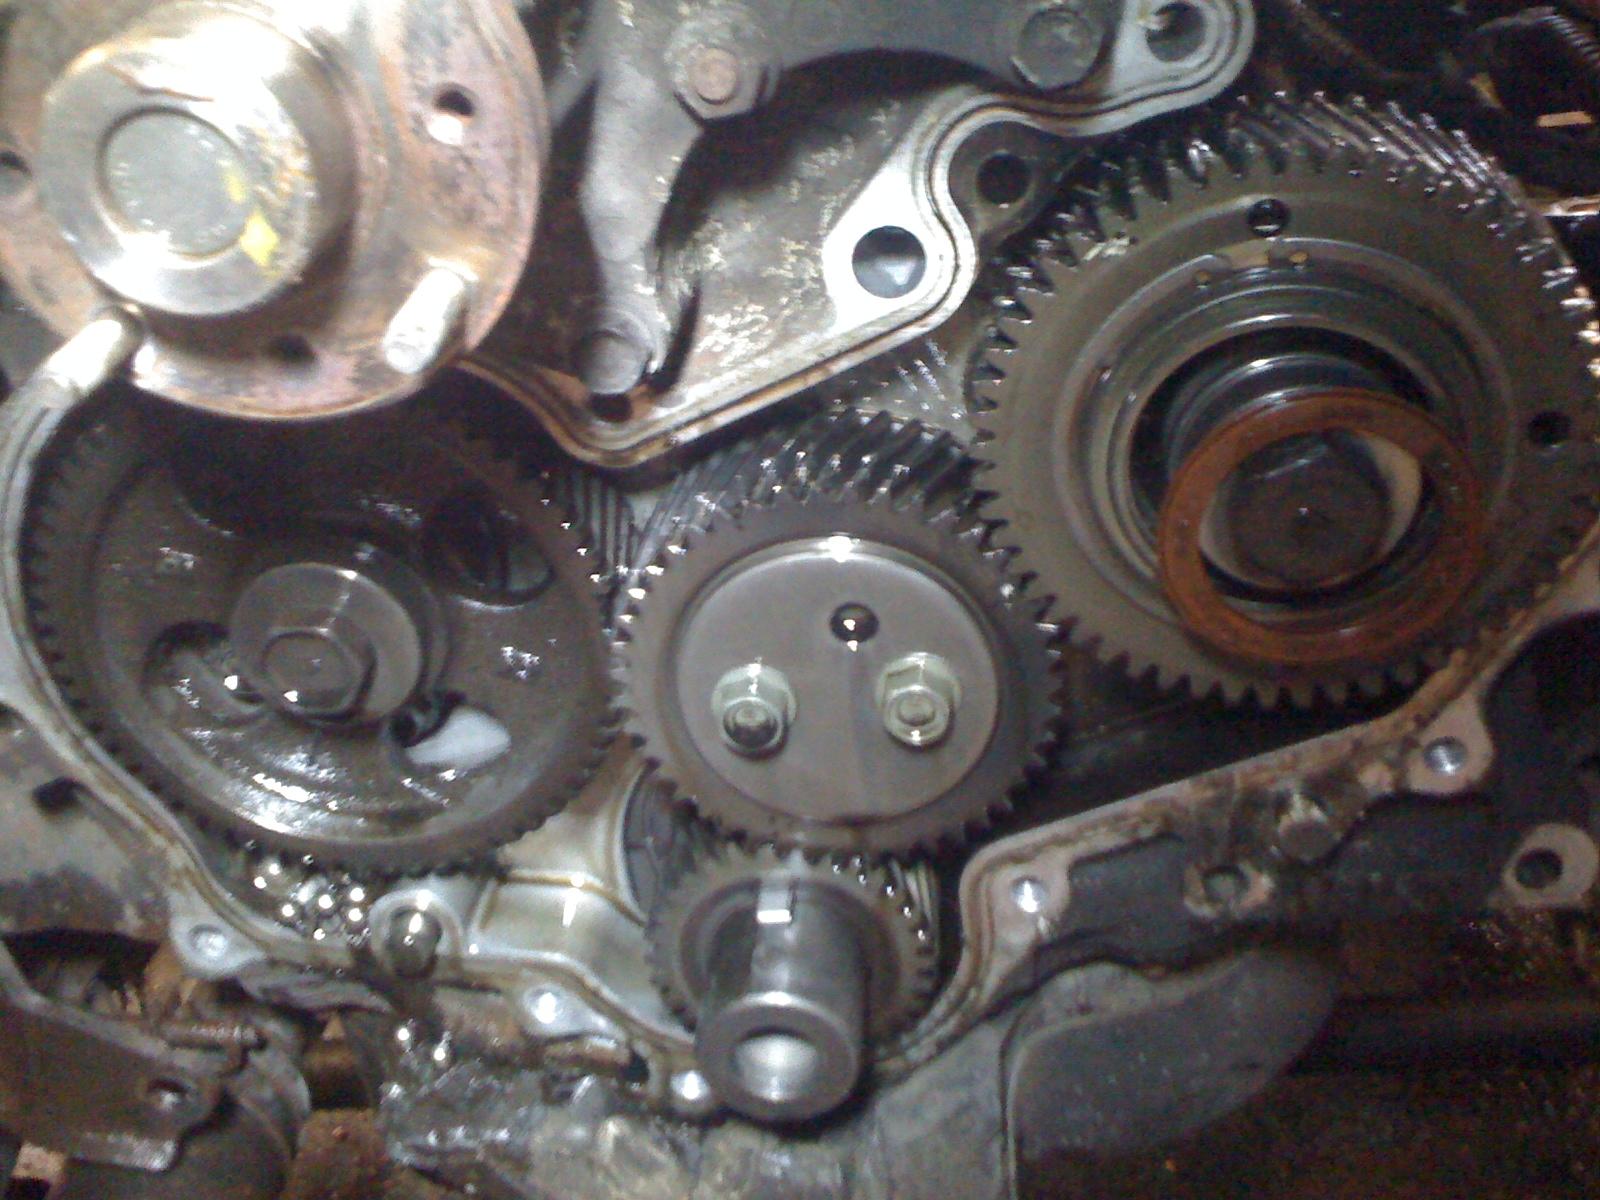 medium resolution of isuzu diesel fuel pump timing mark pictures to pin on isuzu npr injector pump timing 95 isuzu npr wiring diagram